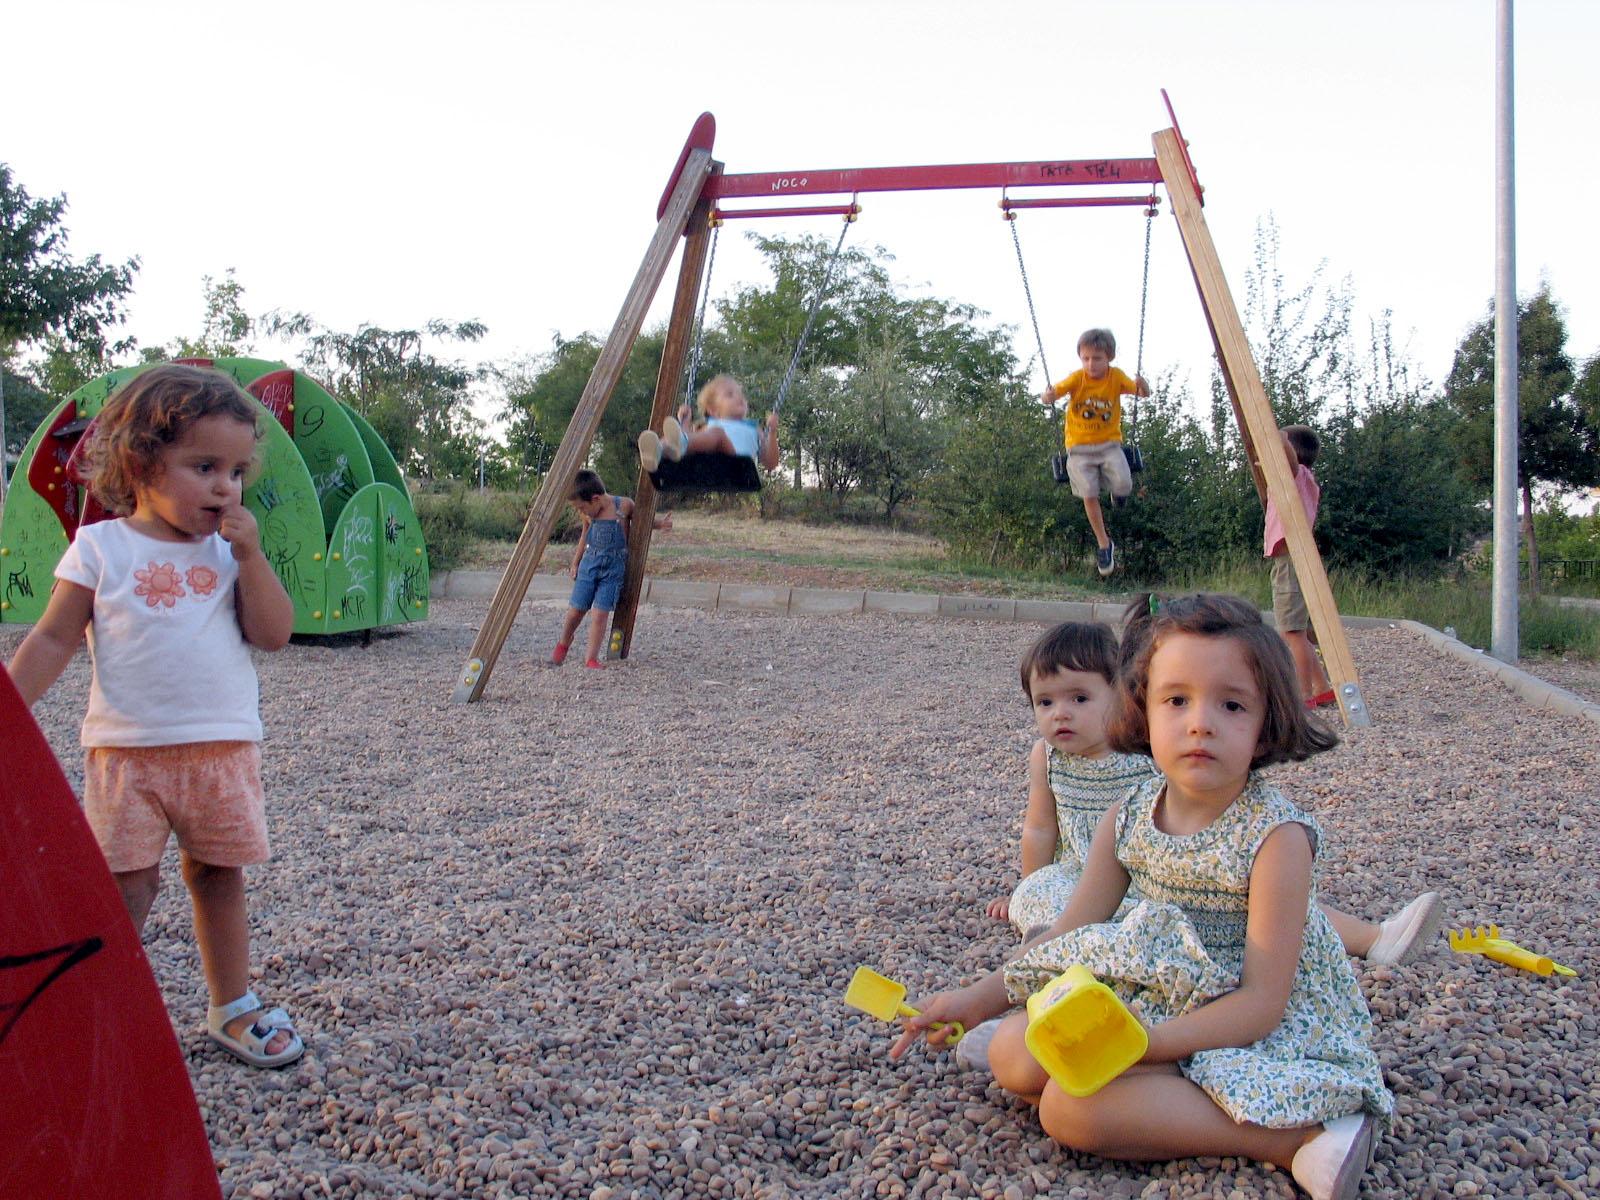 Los peligros a los que están expuestos los bebés en los parques al aire libre